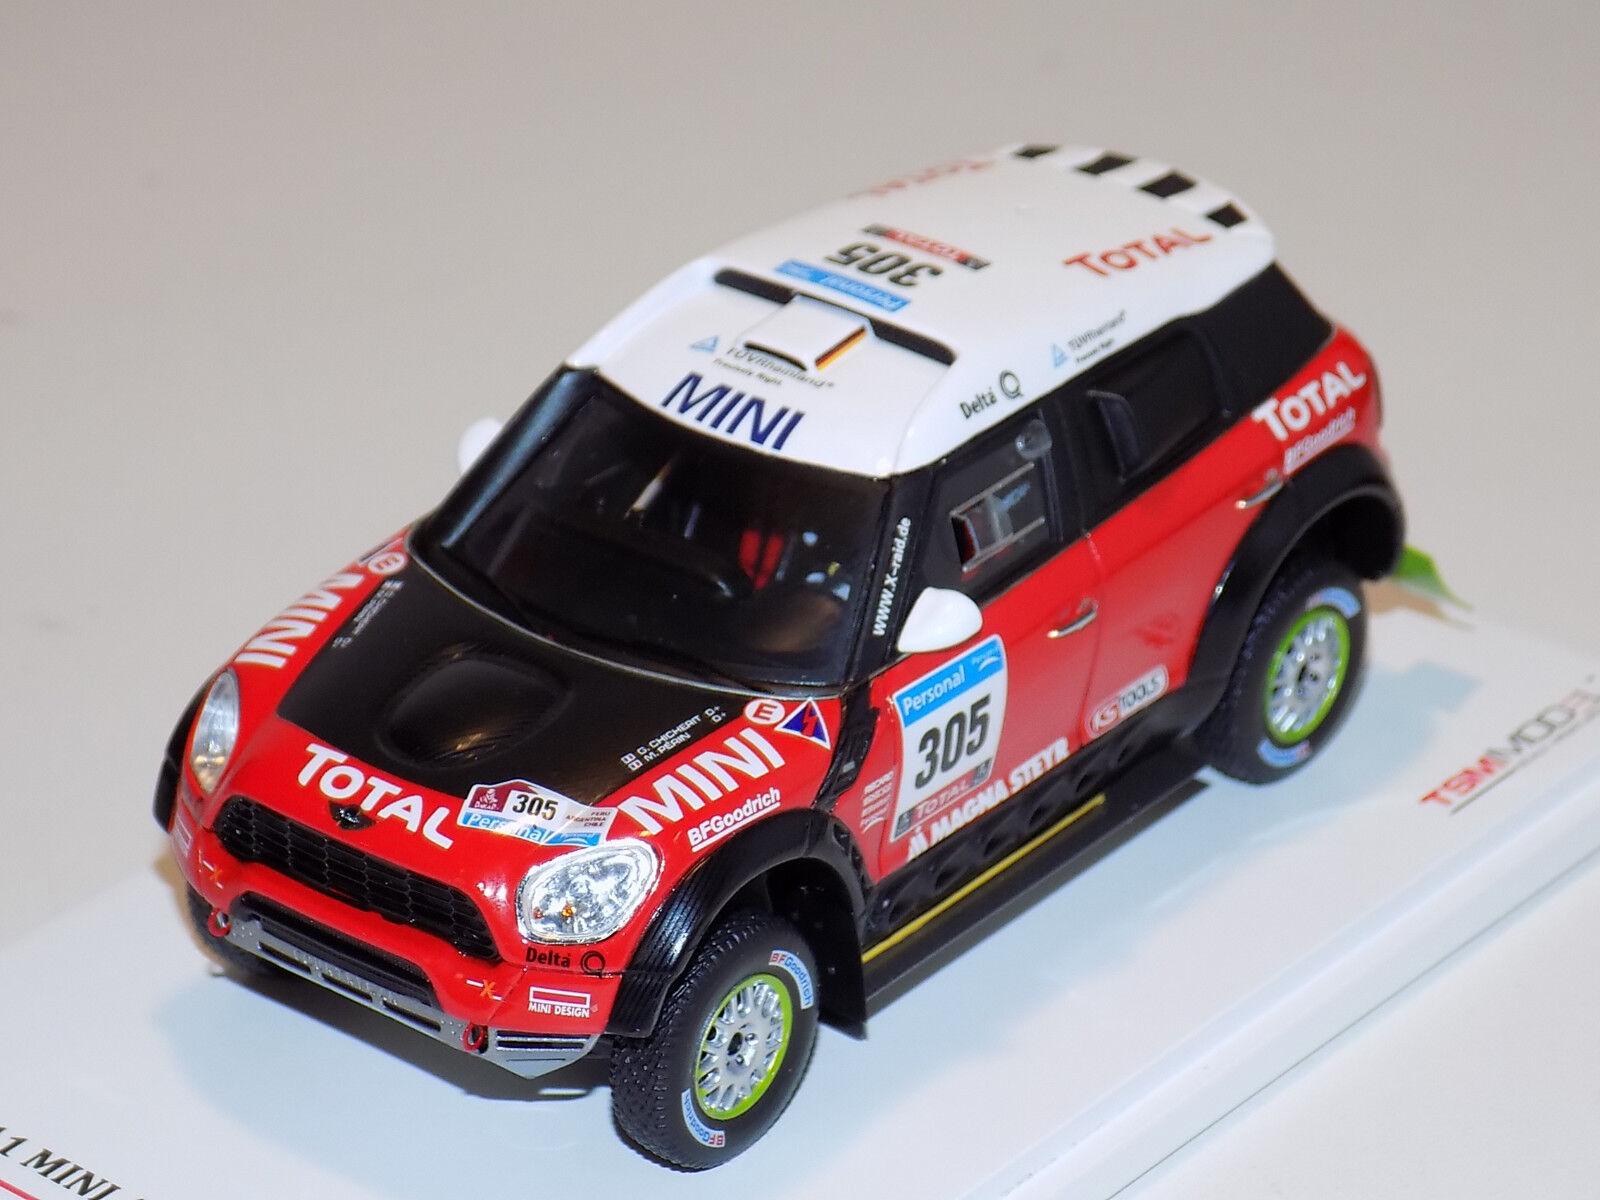 1/43 True Scale Models TSM Mini Coche 305 Dakar Race 2018 TSM114351